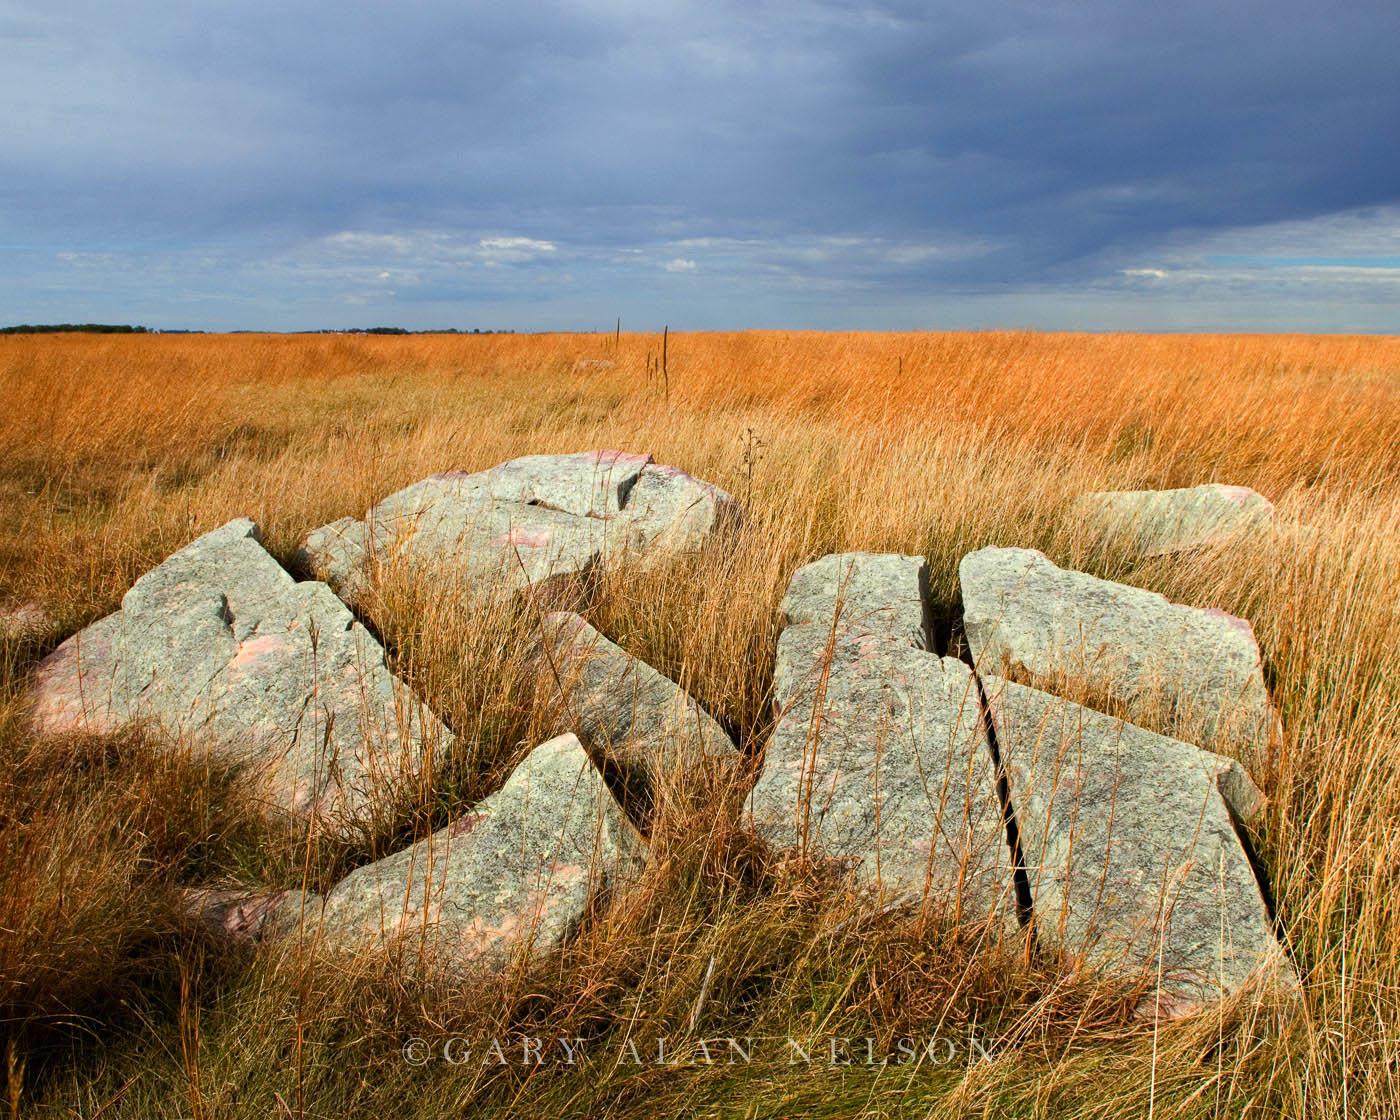 sioux quartzite, prairie, photo